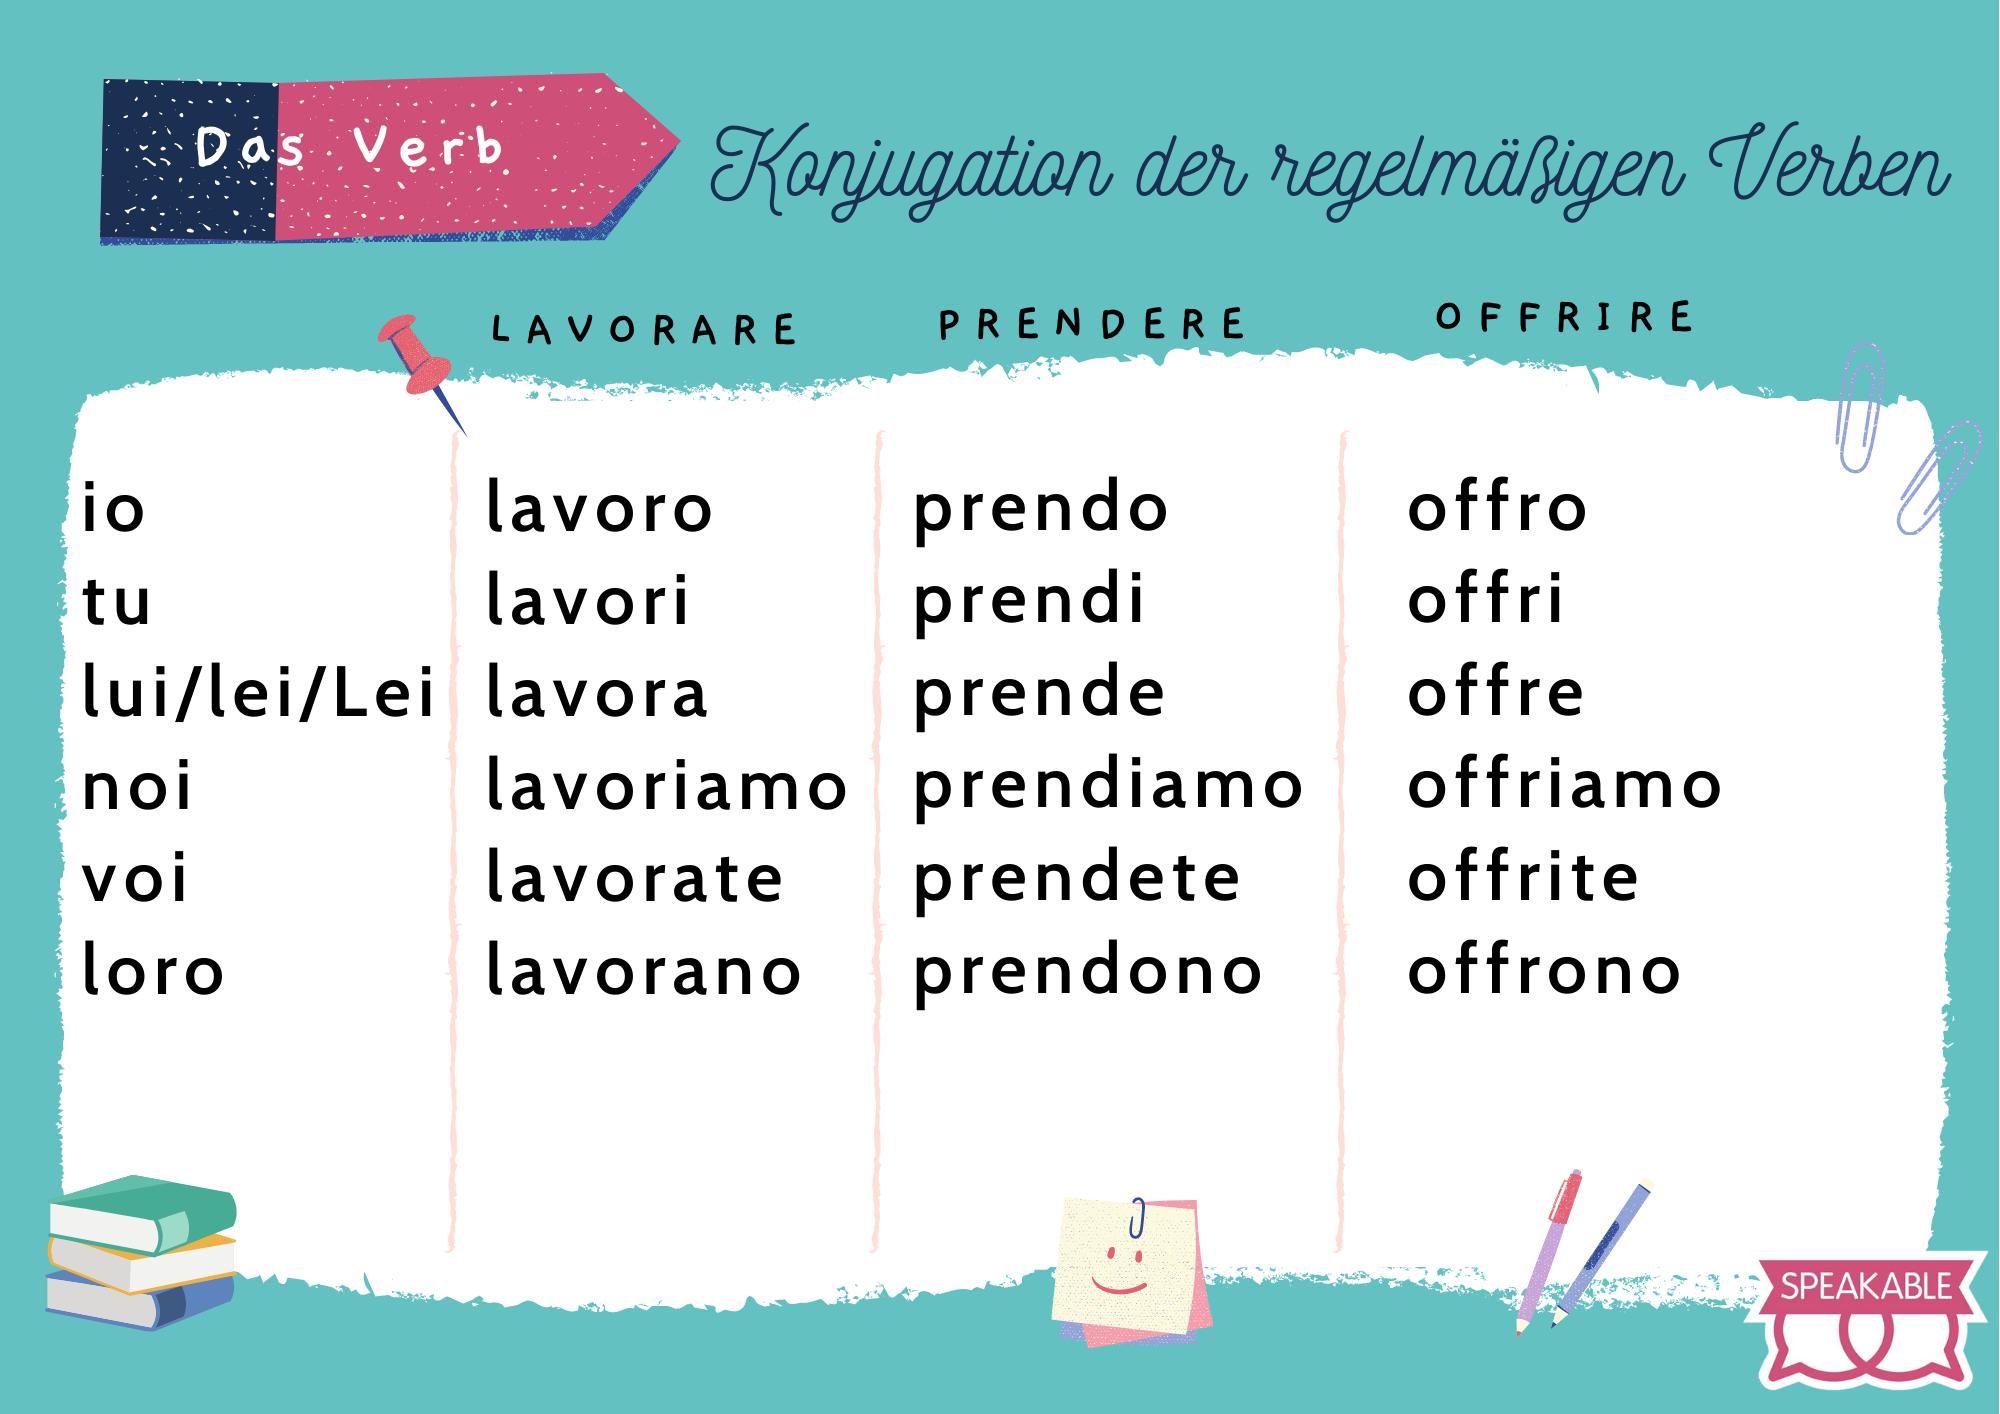 Das italienische Verb